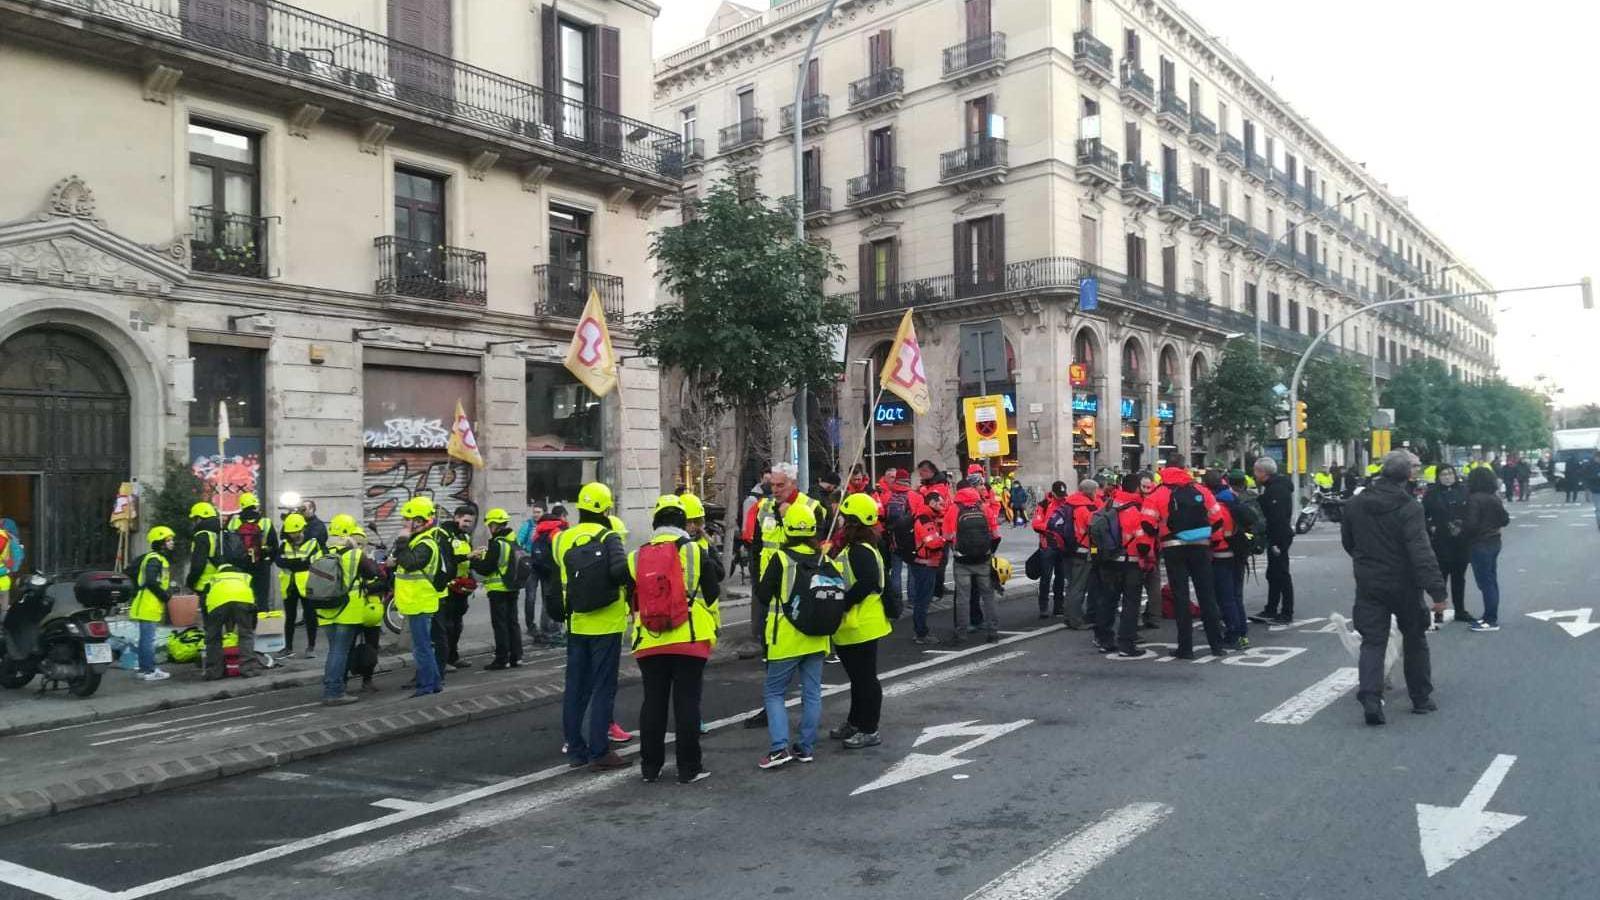 Segueix aquí les mobilitzacions dels CDR contra el consell de ministres